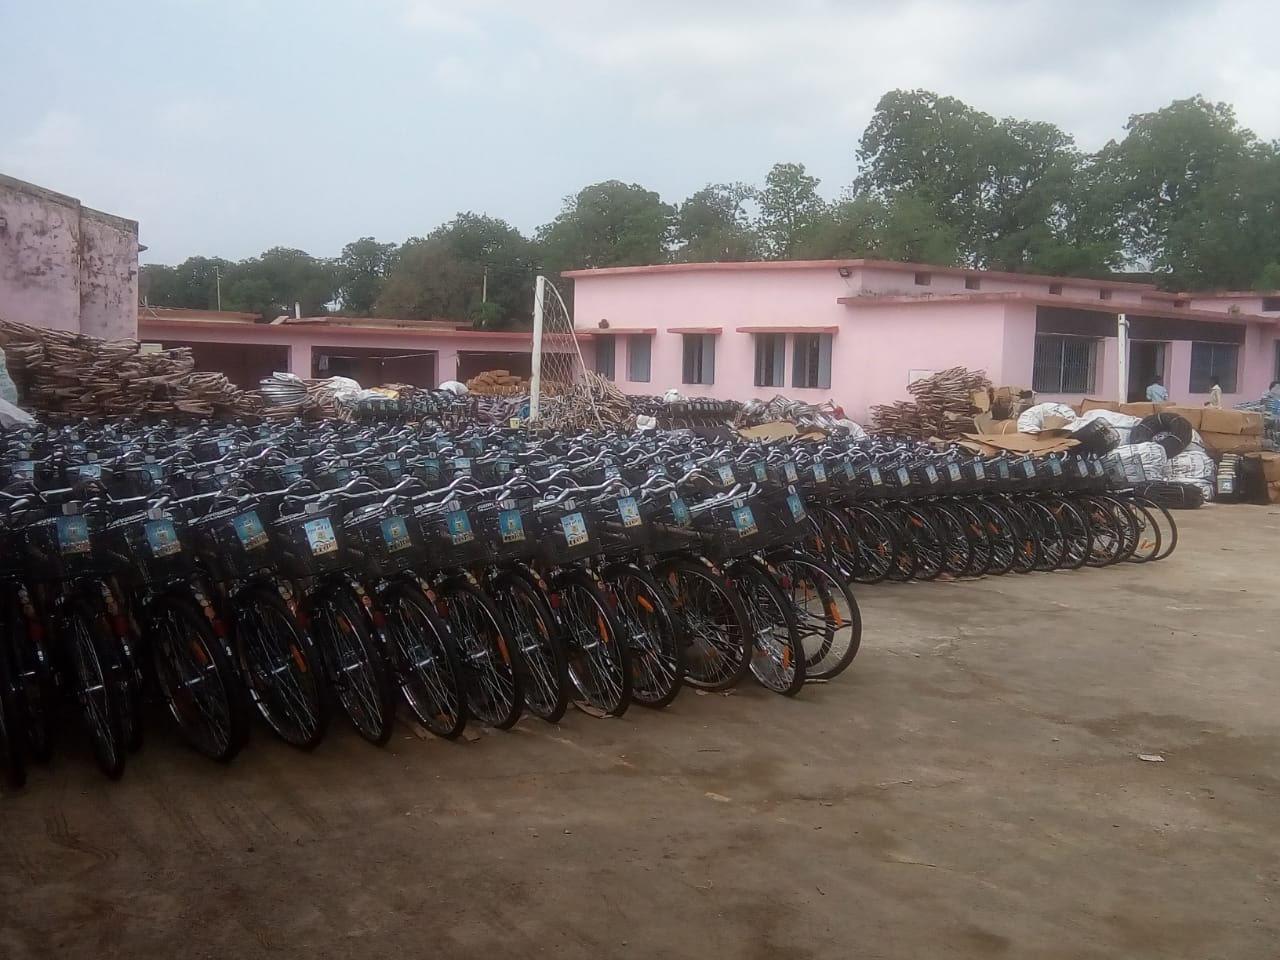 स्कूल मैदान व सुविधाघर के सामने लगा साइकिलों का अंबार